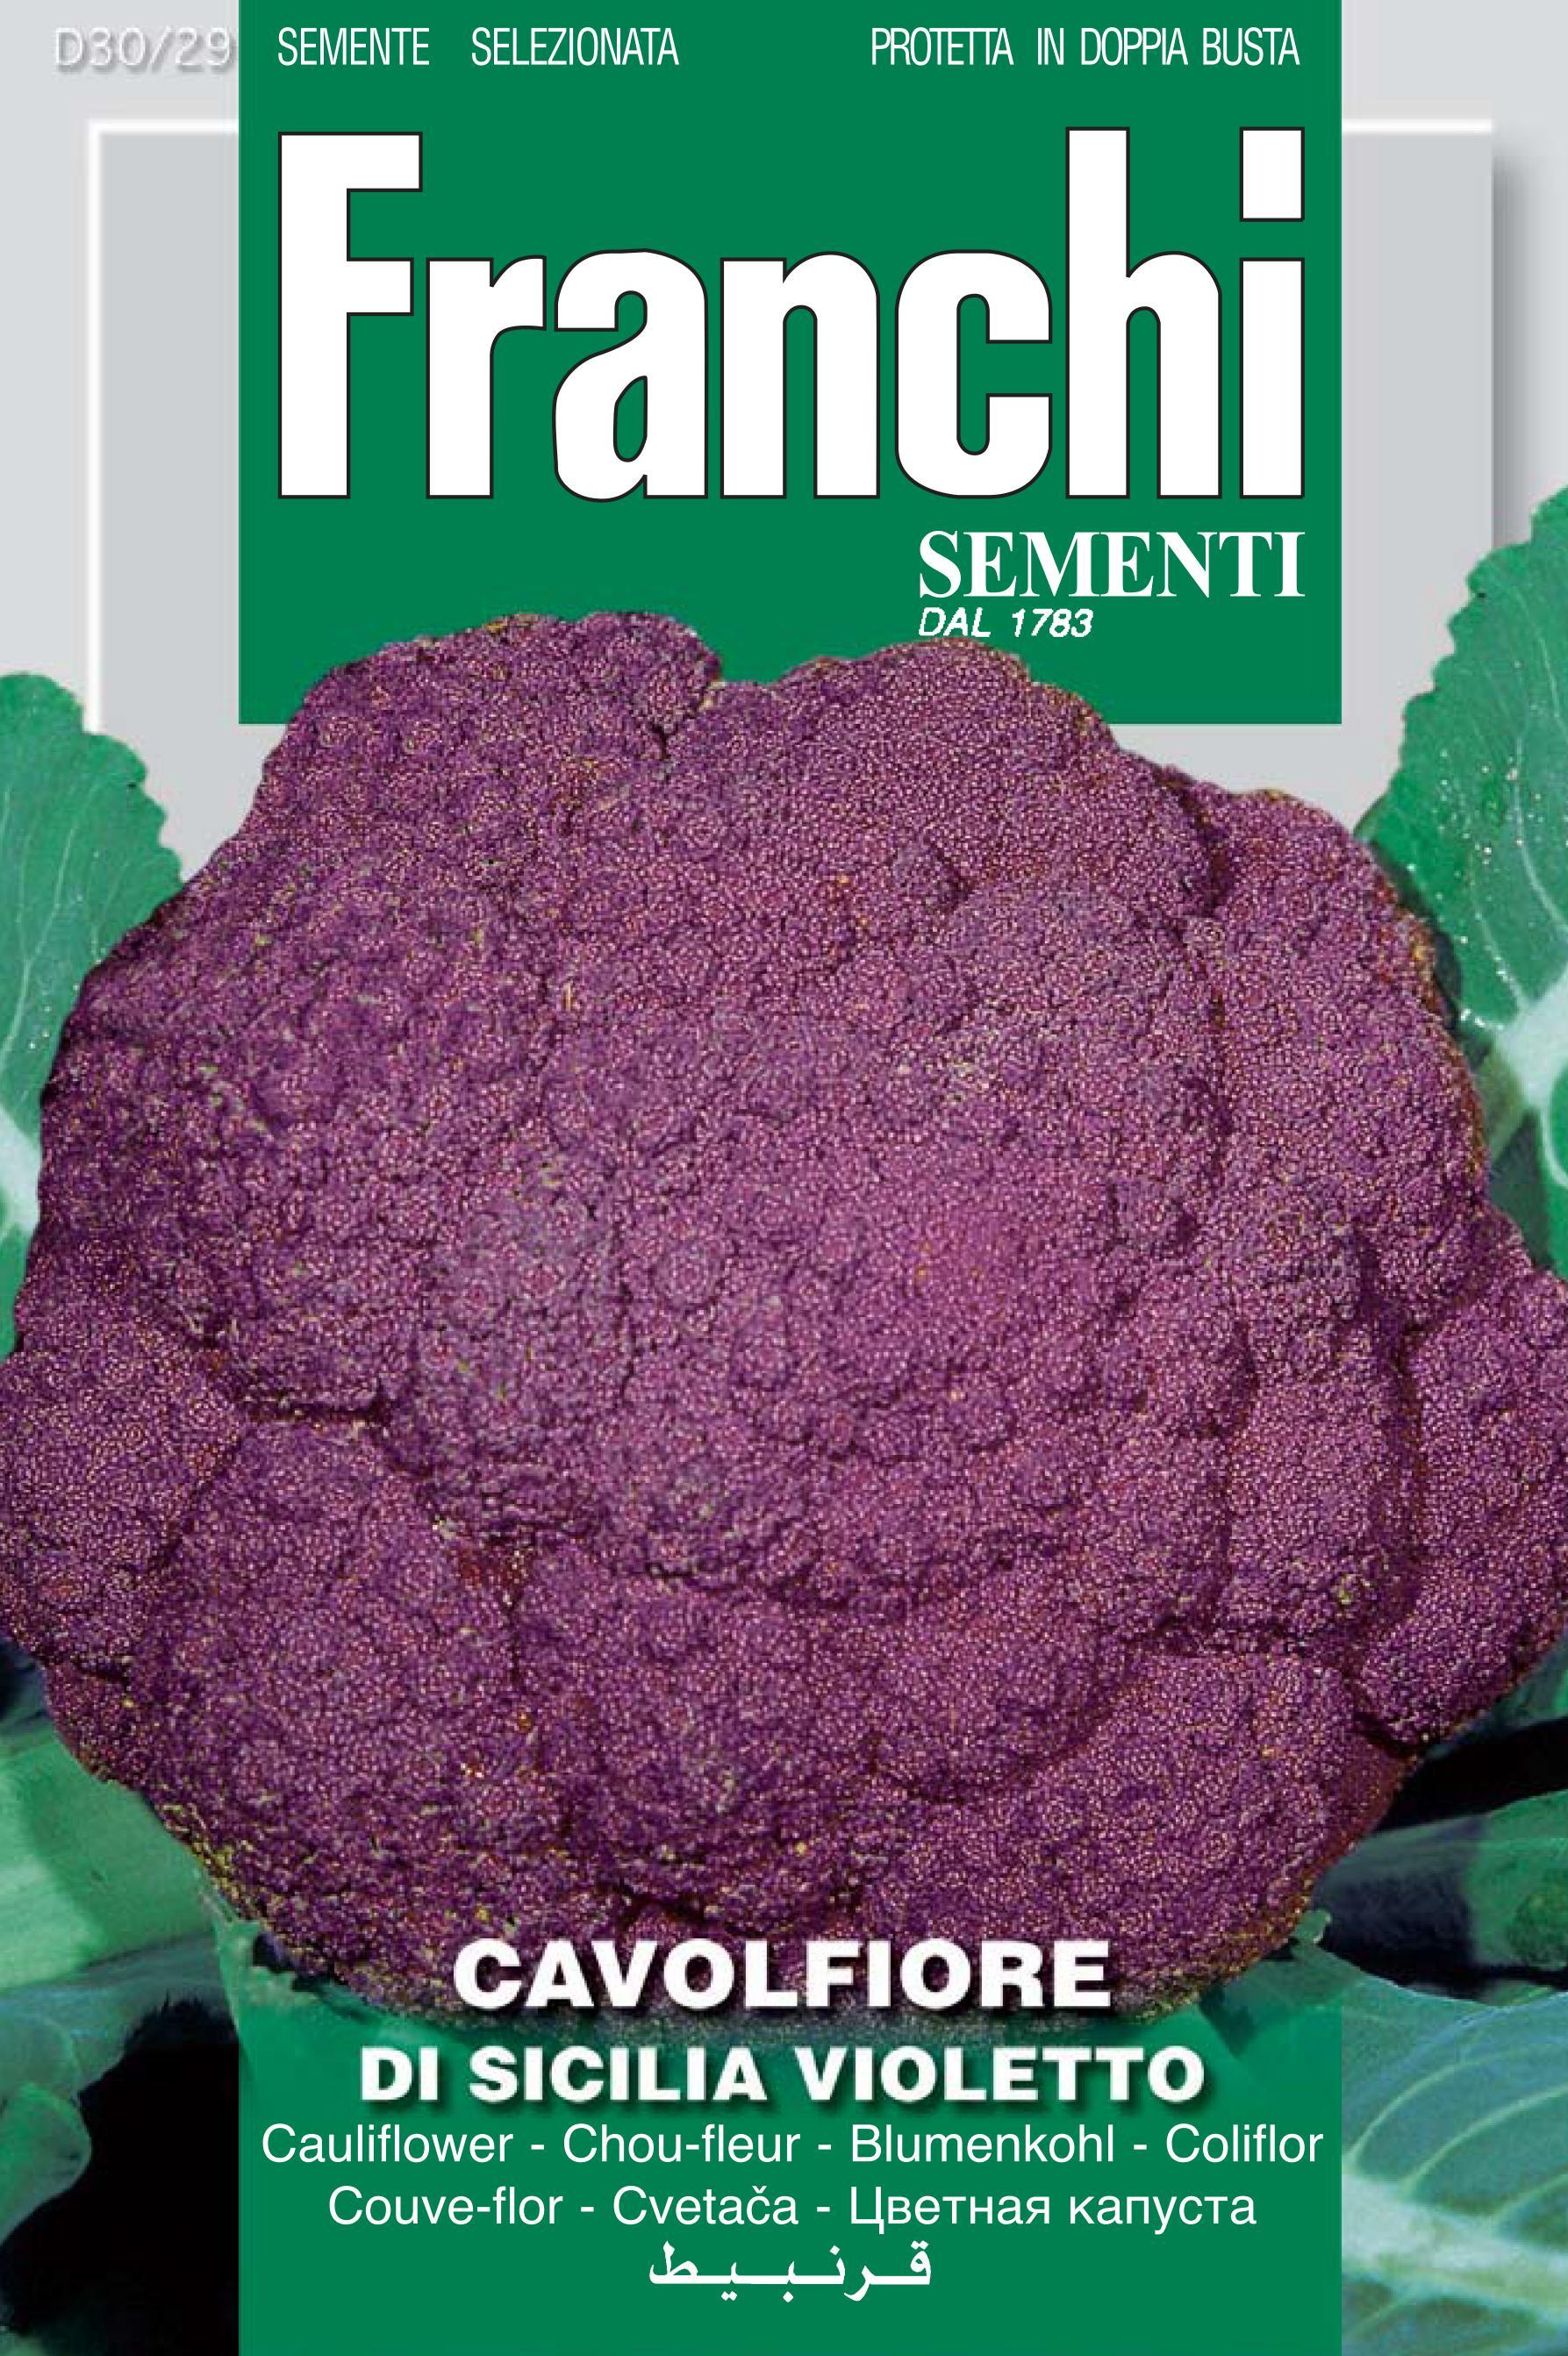 Cauliflower Violetto Sicilia